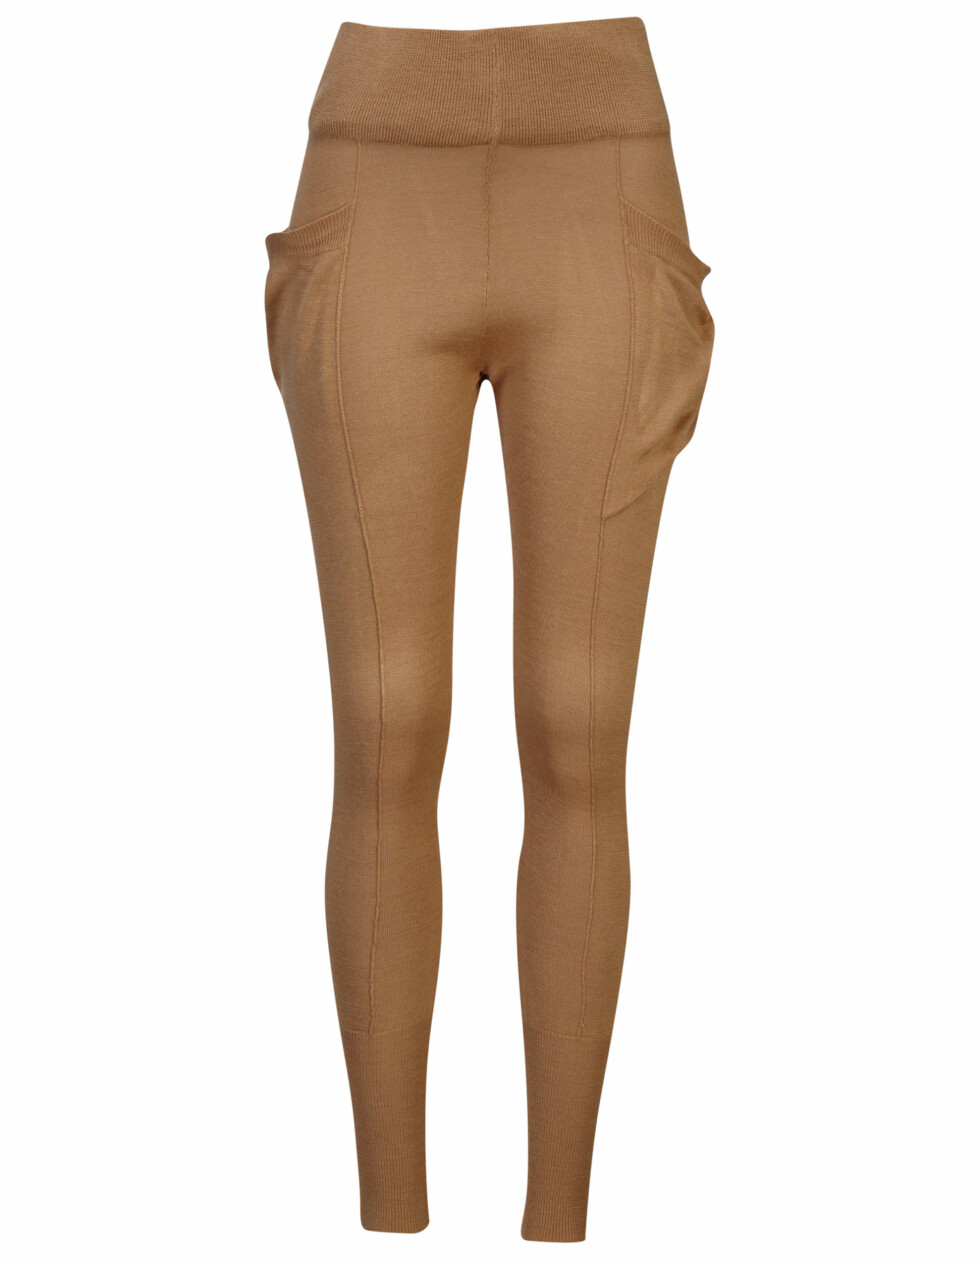 Kamelfarget leggings (kr.249). Foto: Produsenten